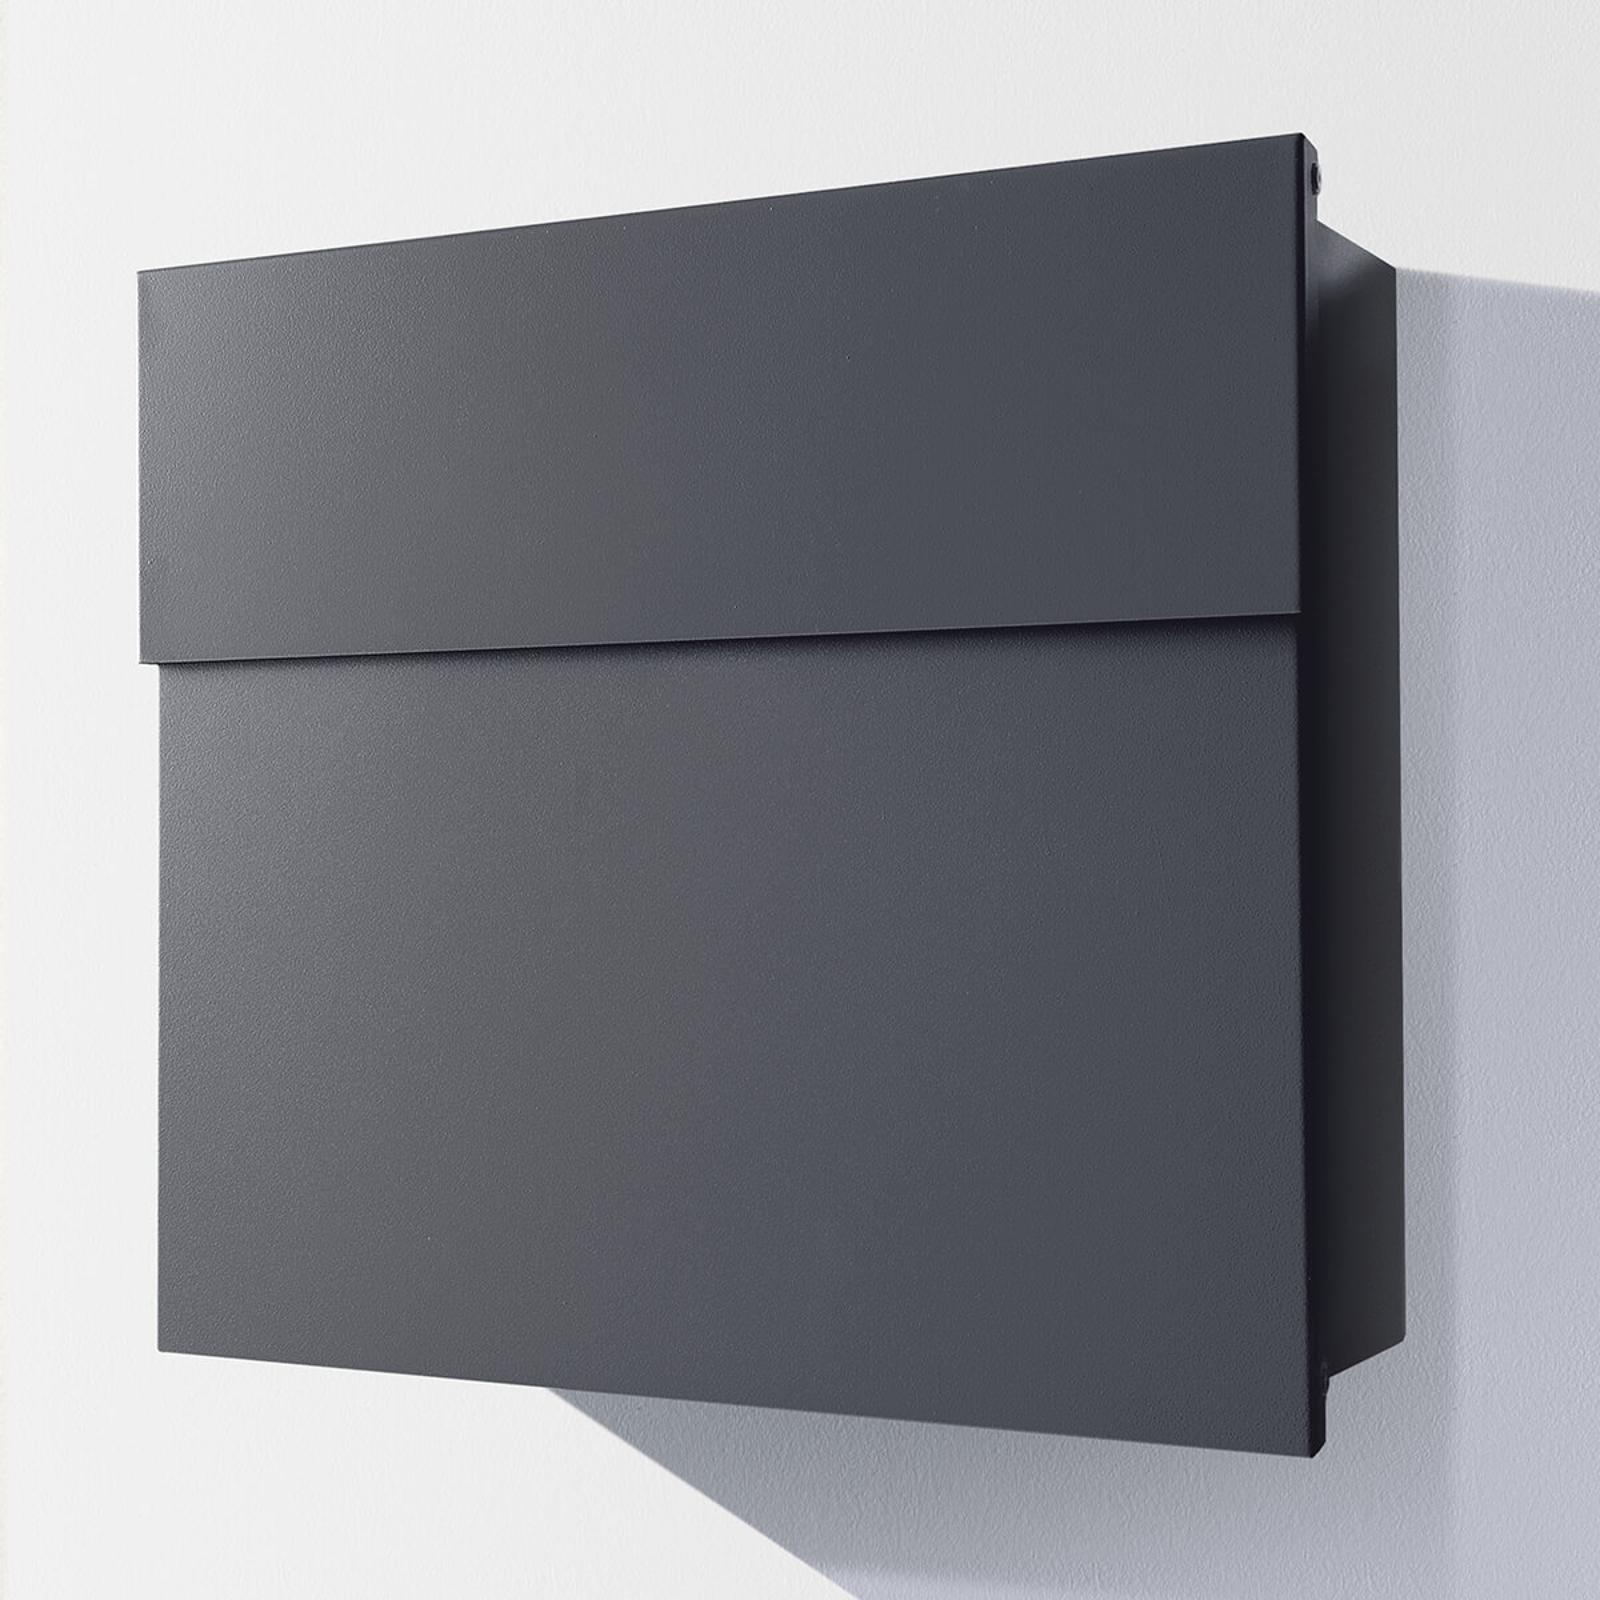 Design-brievenbus Letterman IV, antraciet